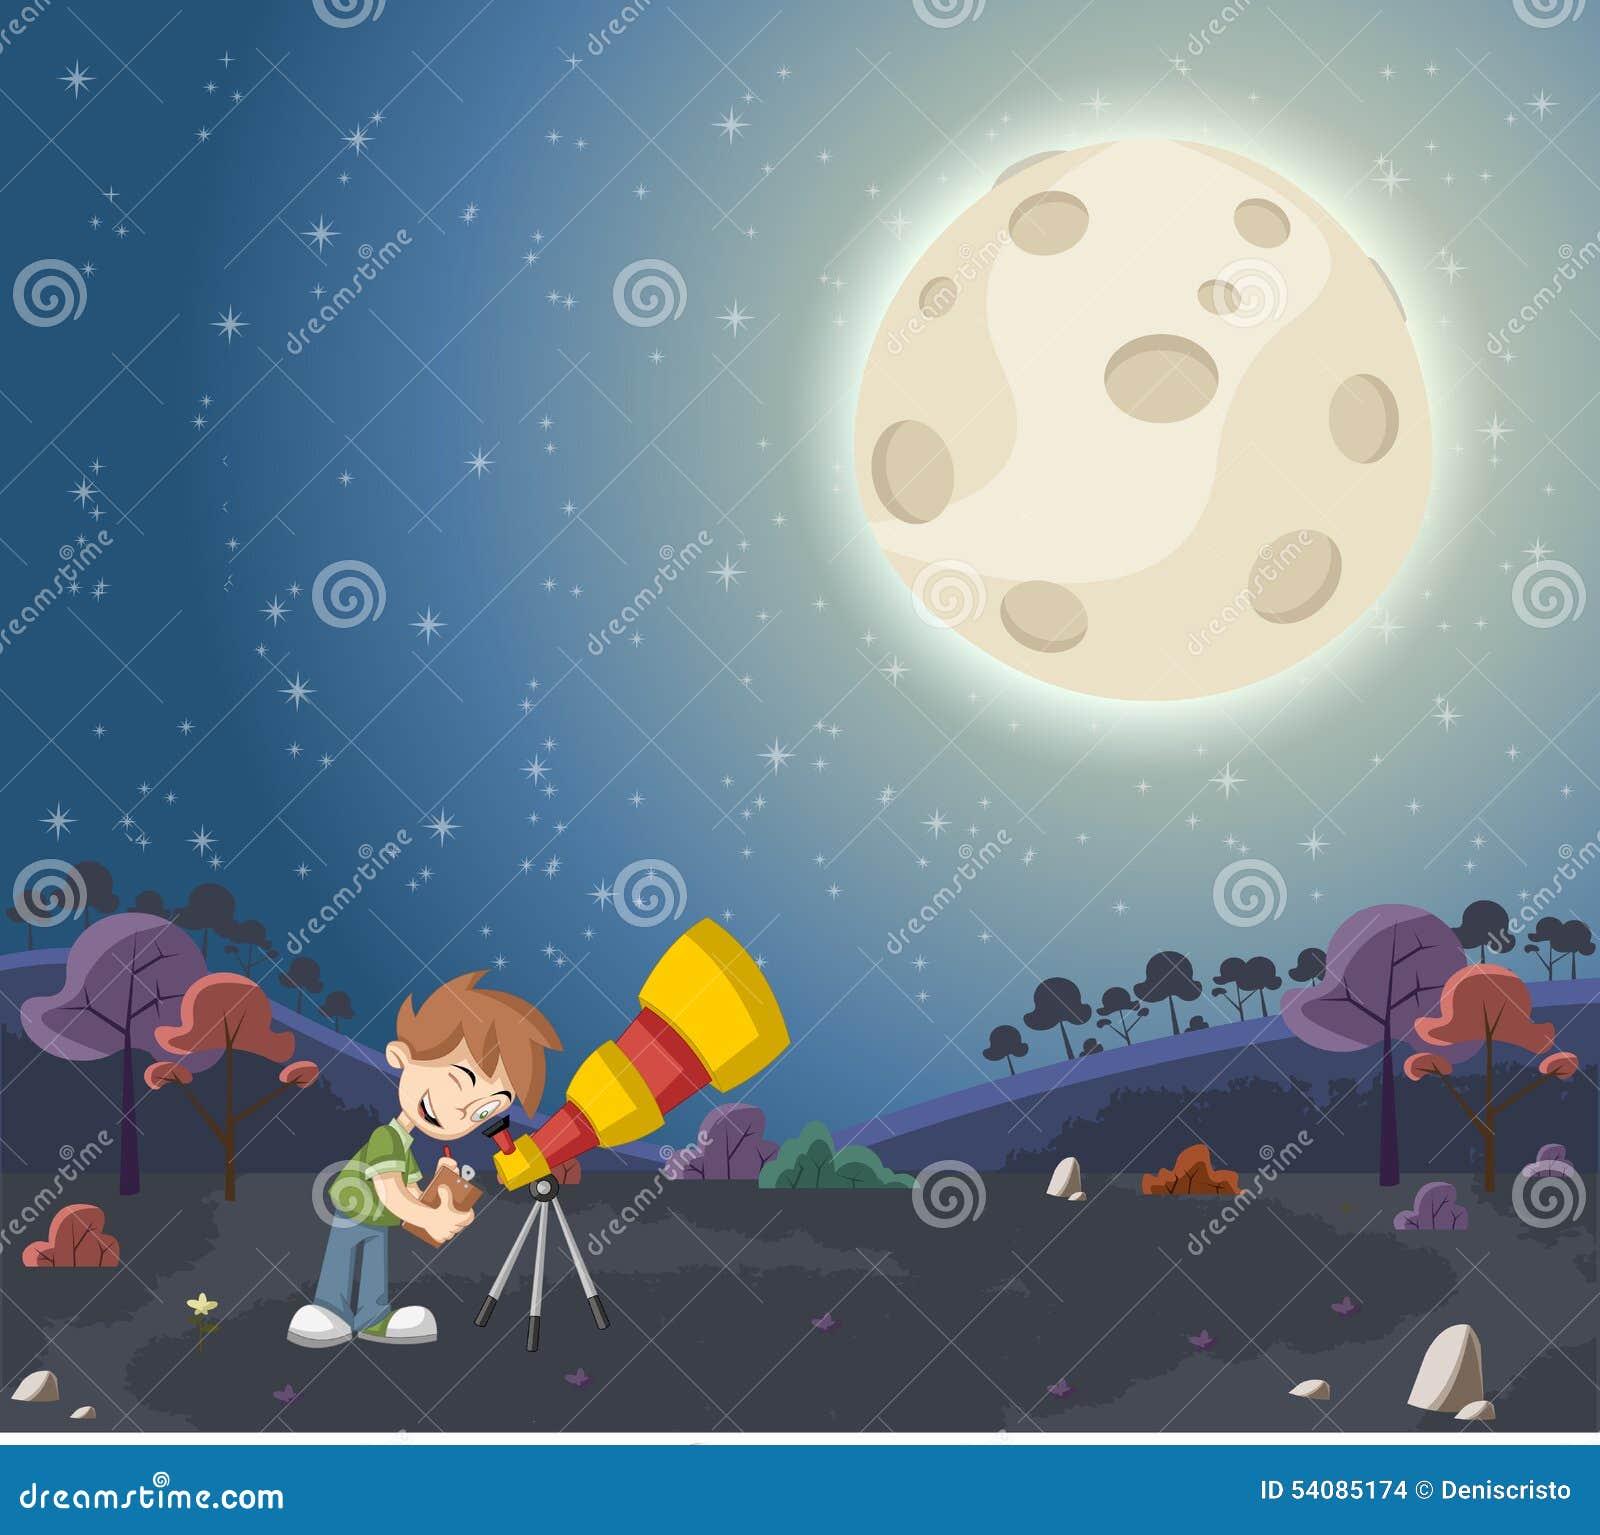 Jongen die een telescoop gebruiken om de maan te bekijken